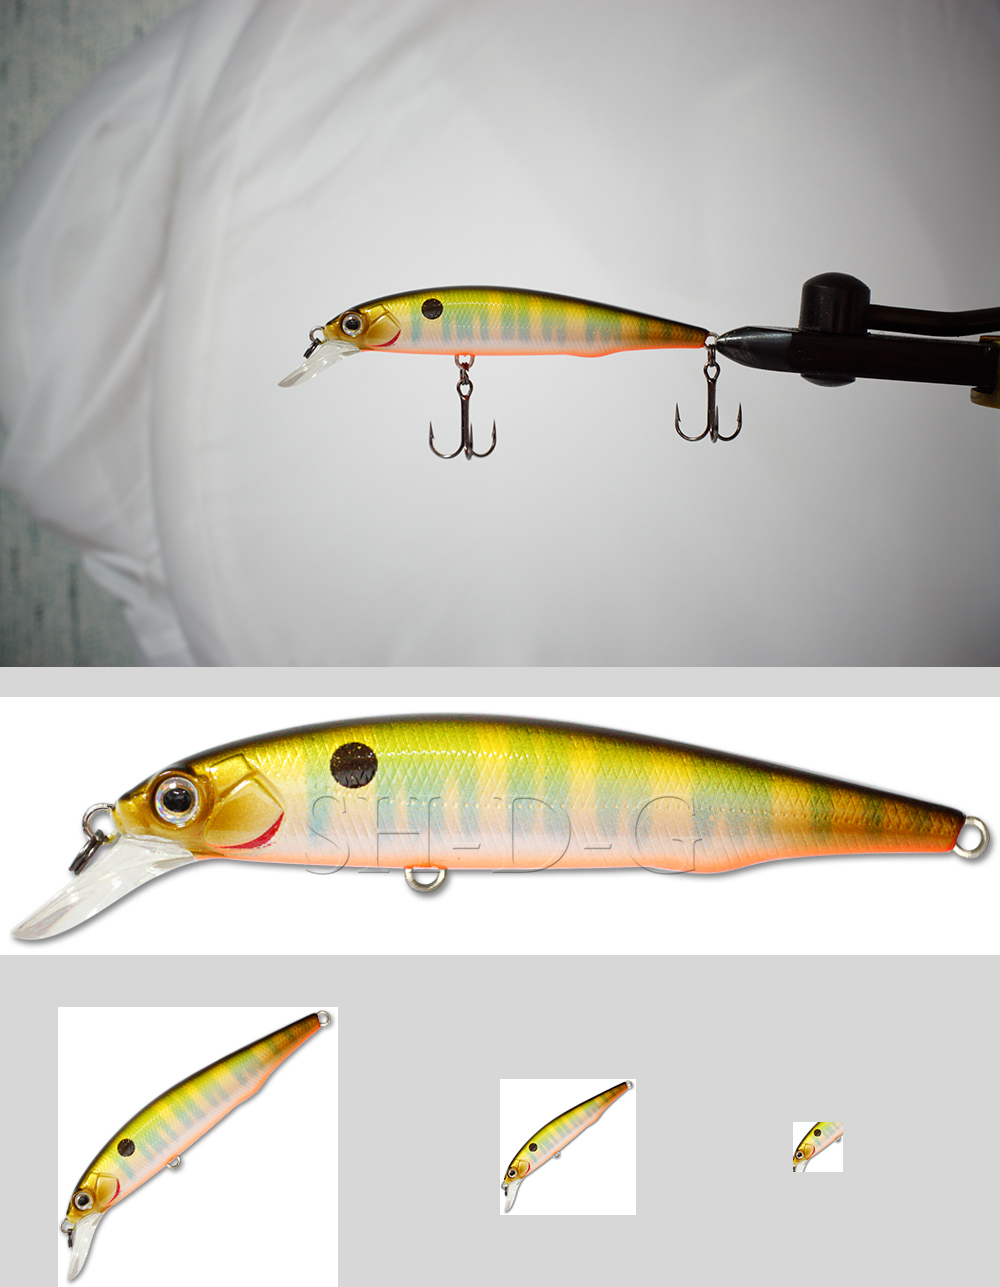 название рыболовного